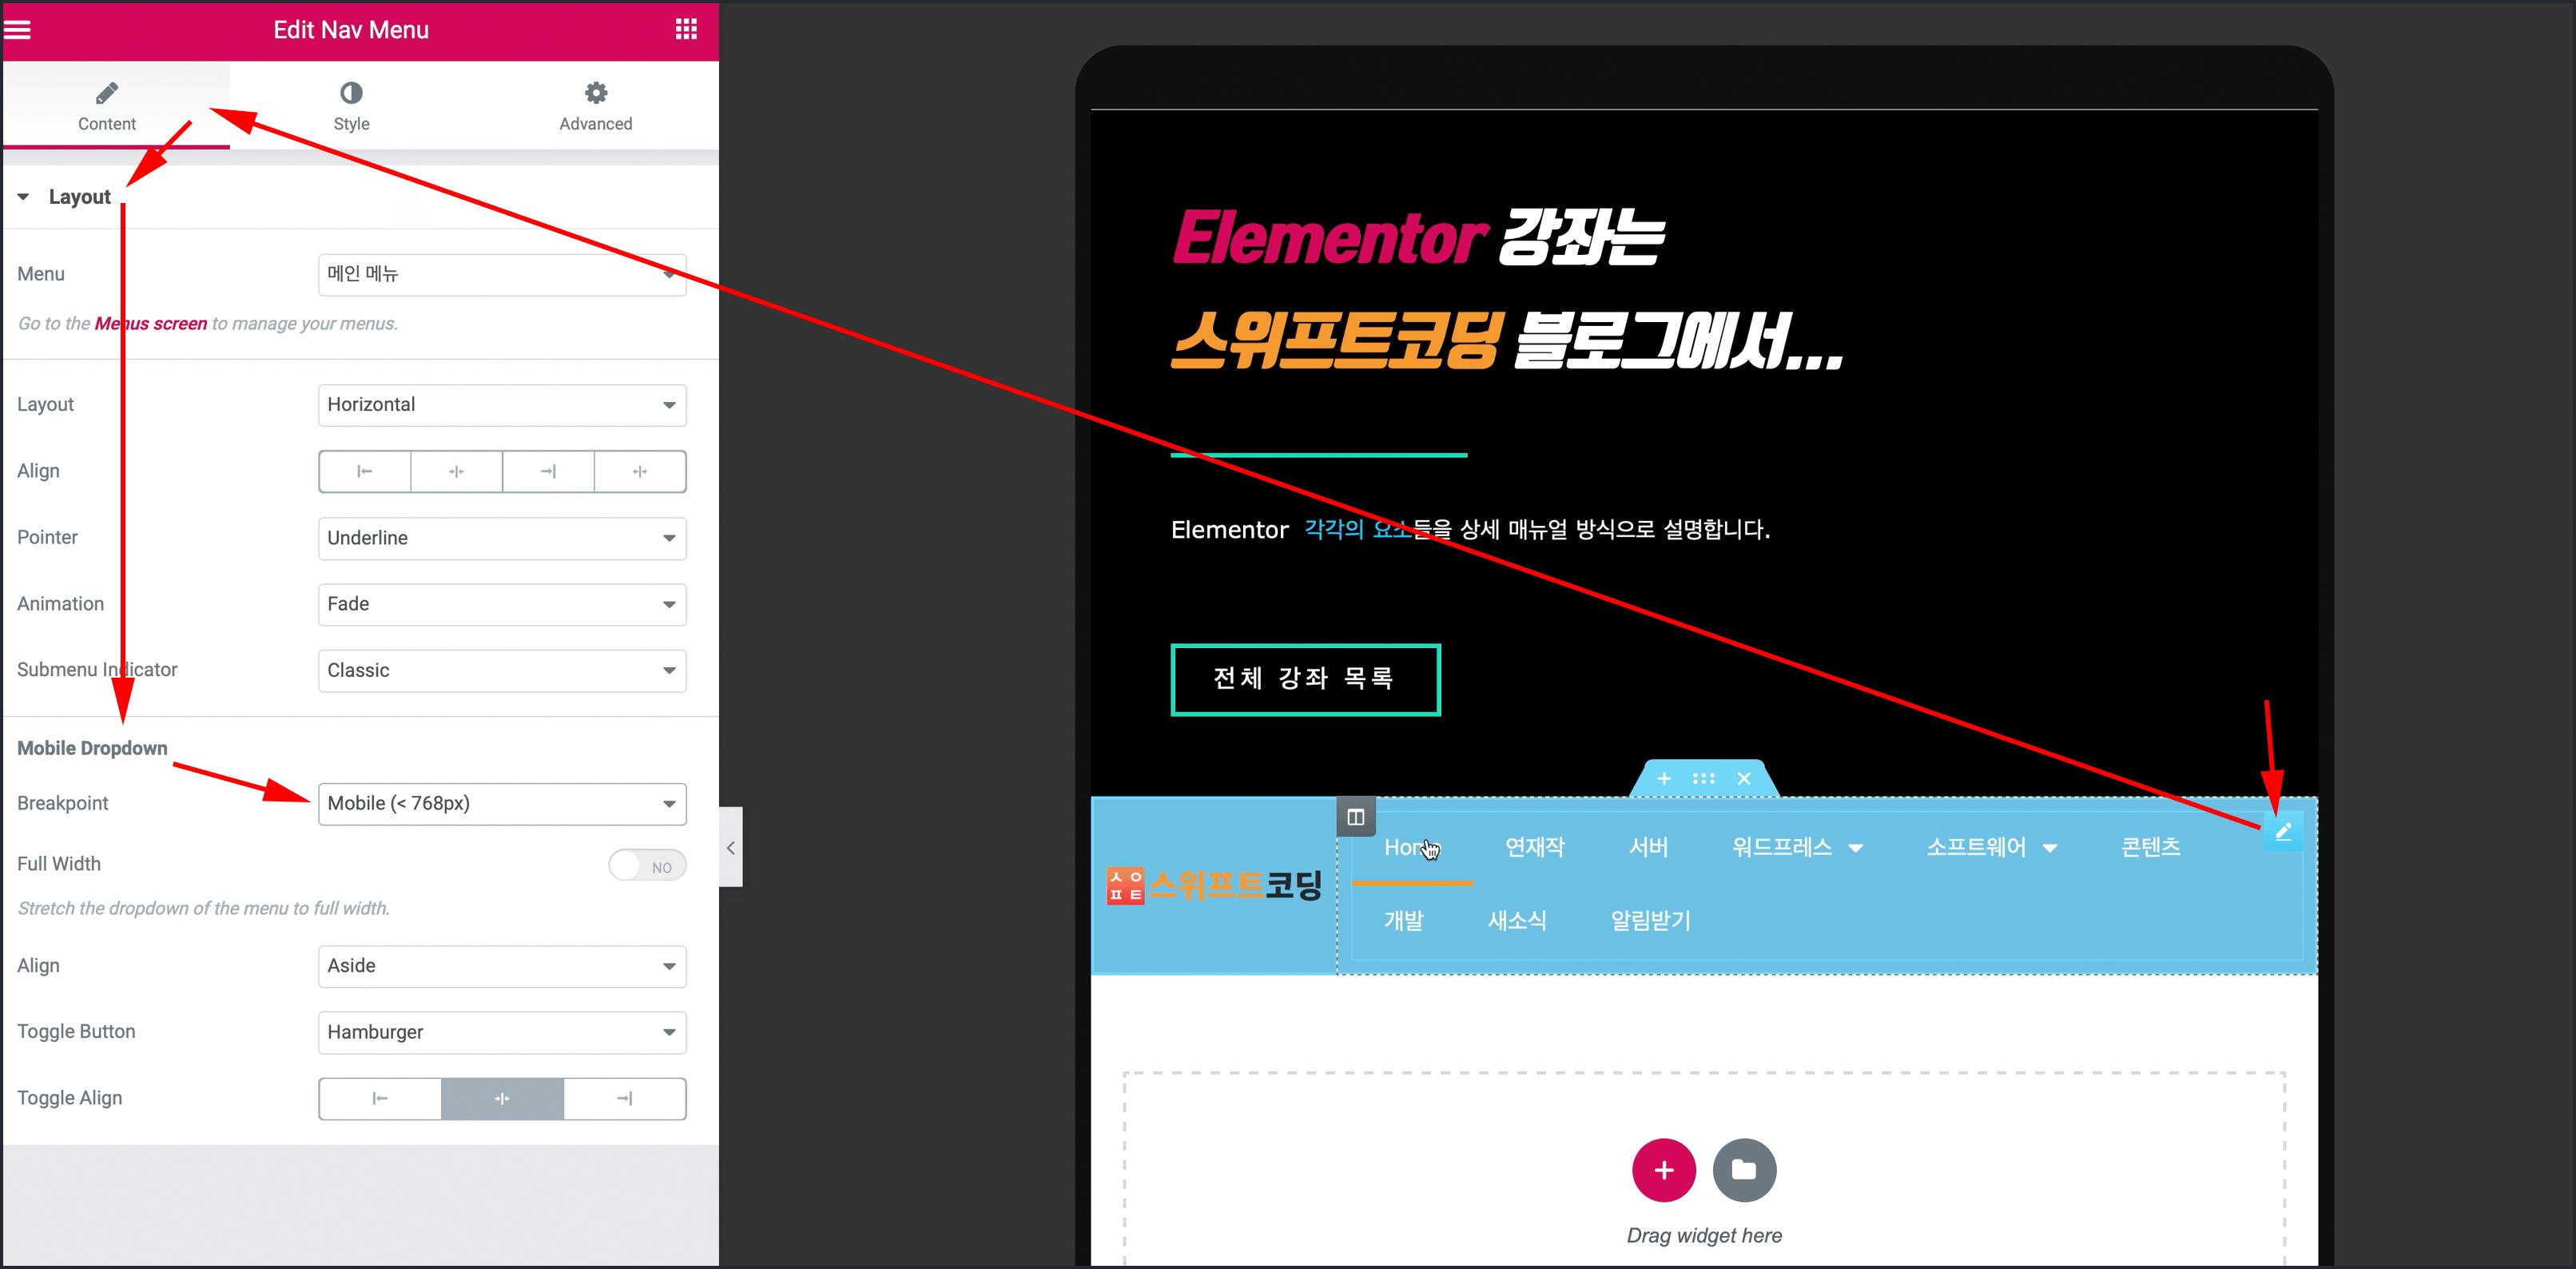 태블릿 모드에서도 내비 메뉴에 메뉴가 나열되도록 바뀌었다